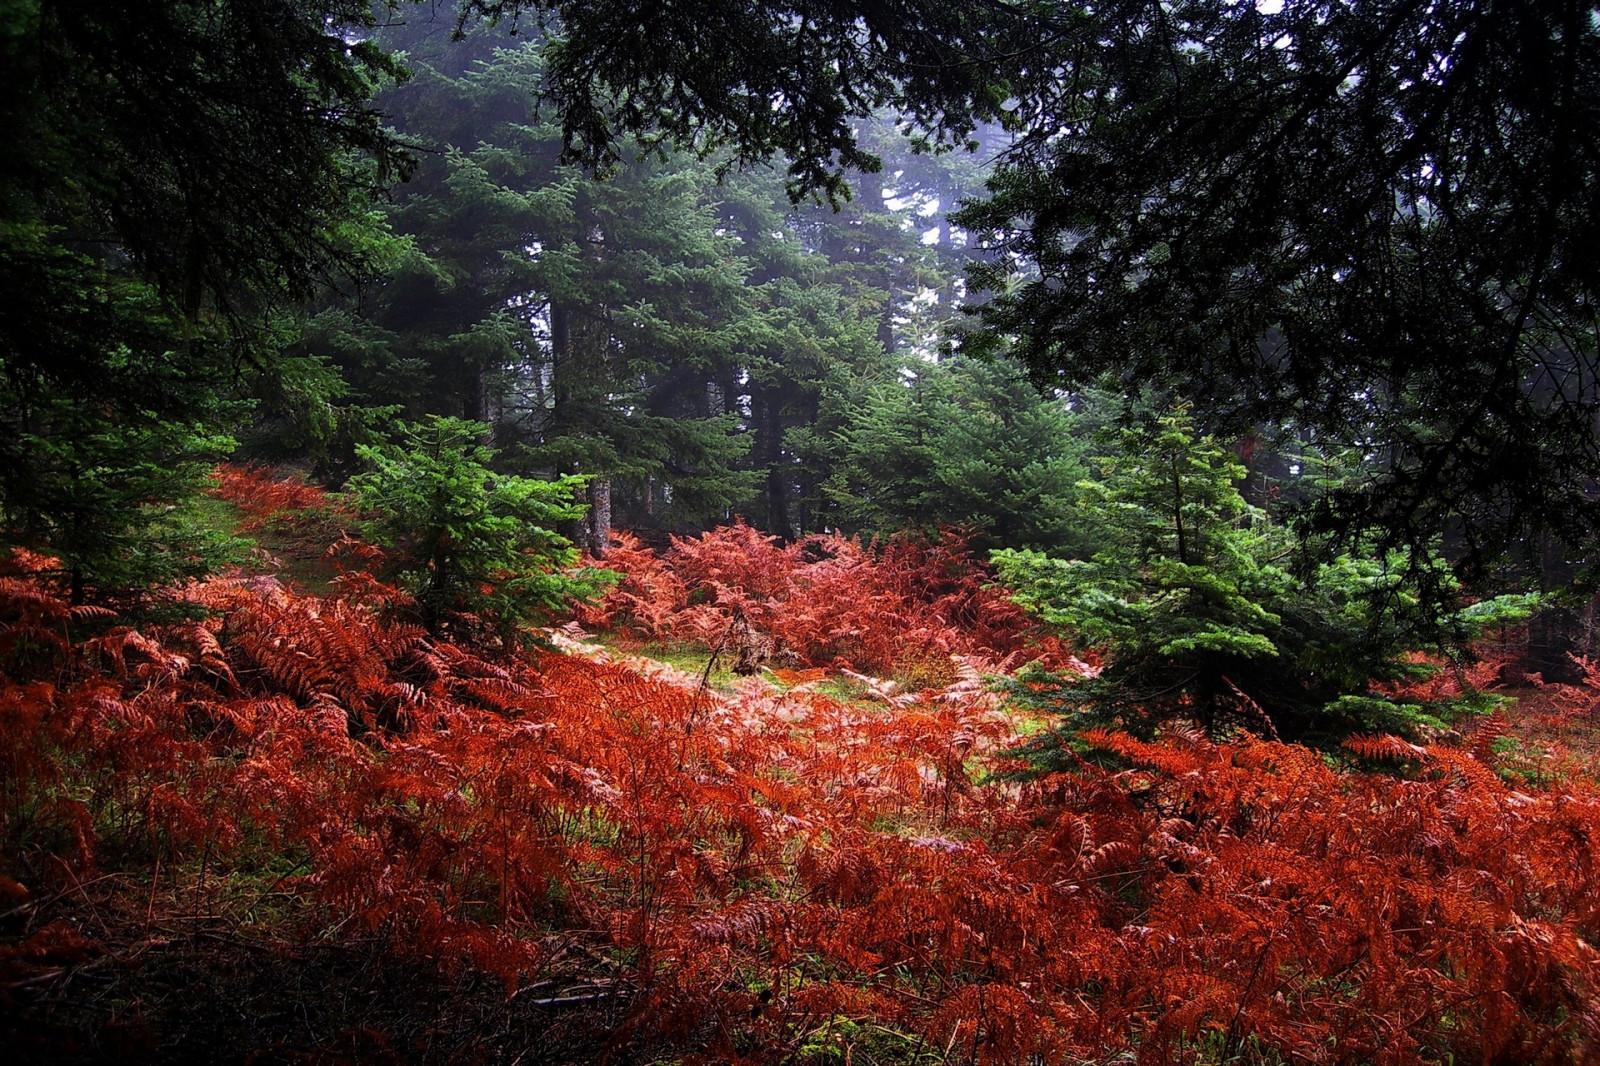 картинки с кустами в лесу телефоны, режимы